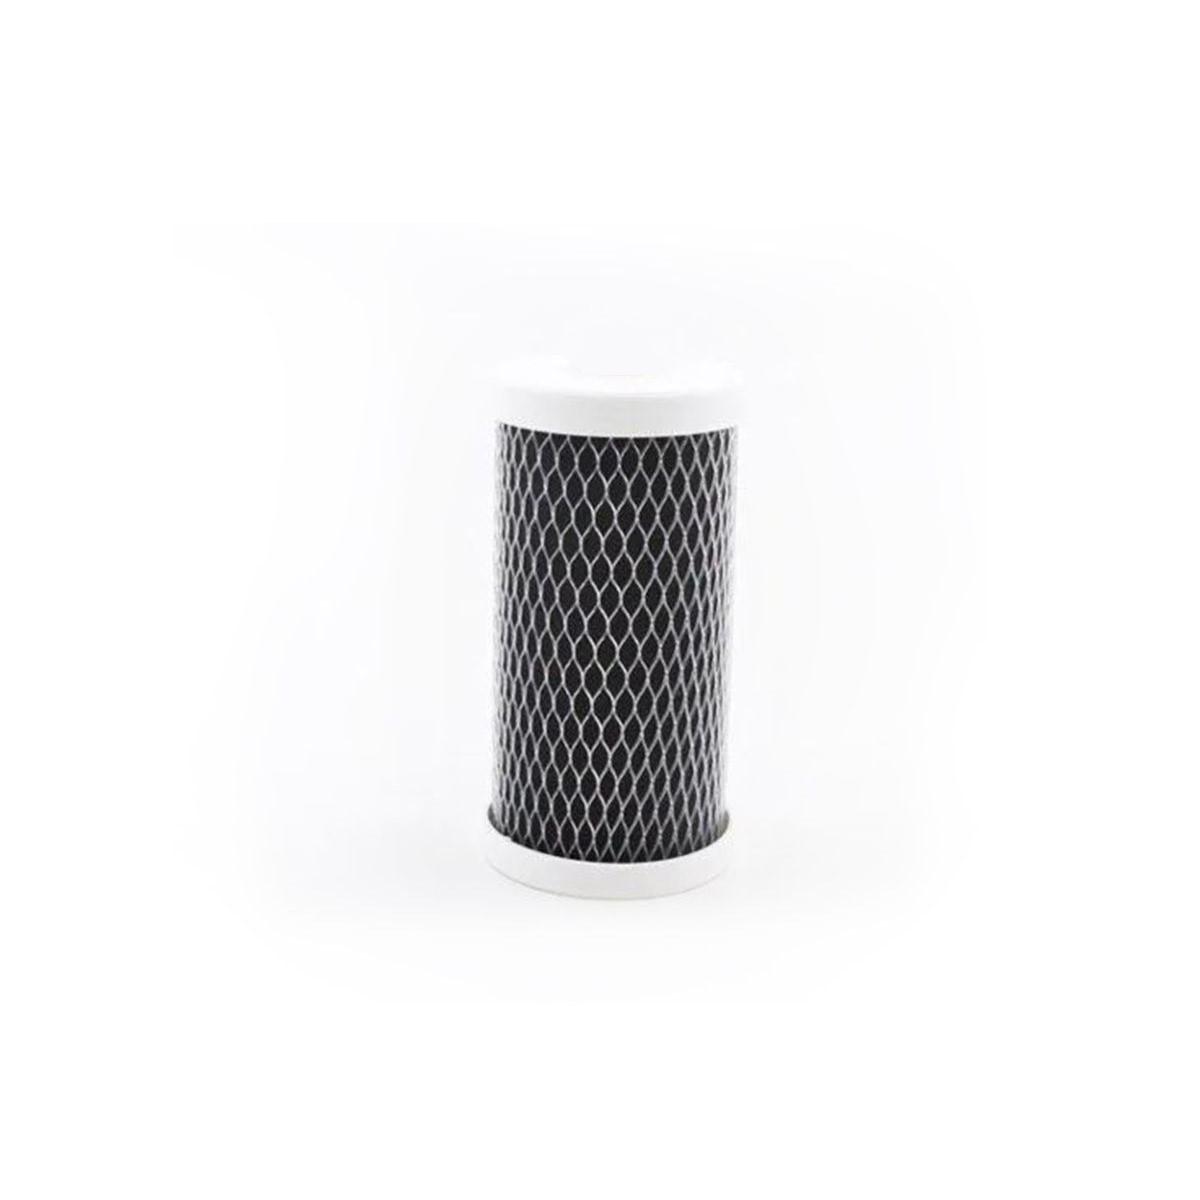 Refil 569 Elemento Filtrante Bebedouro Industrial S/ Rosca  - Panela de Ferro Fundido